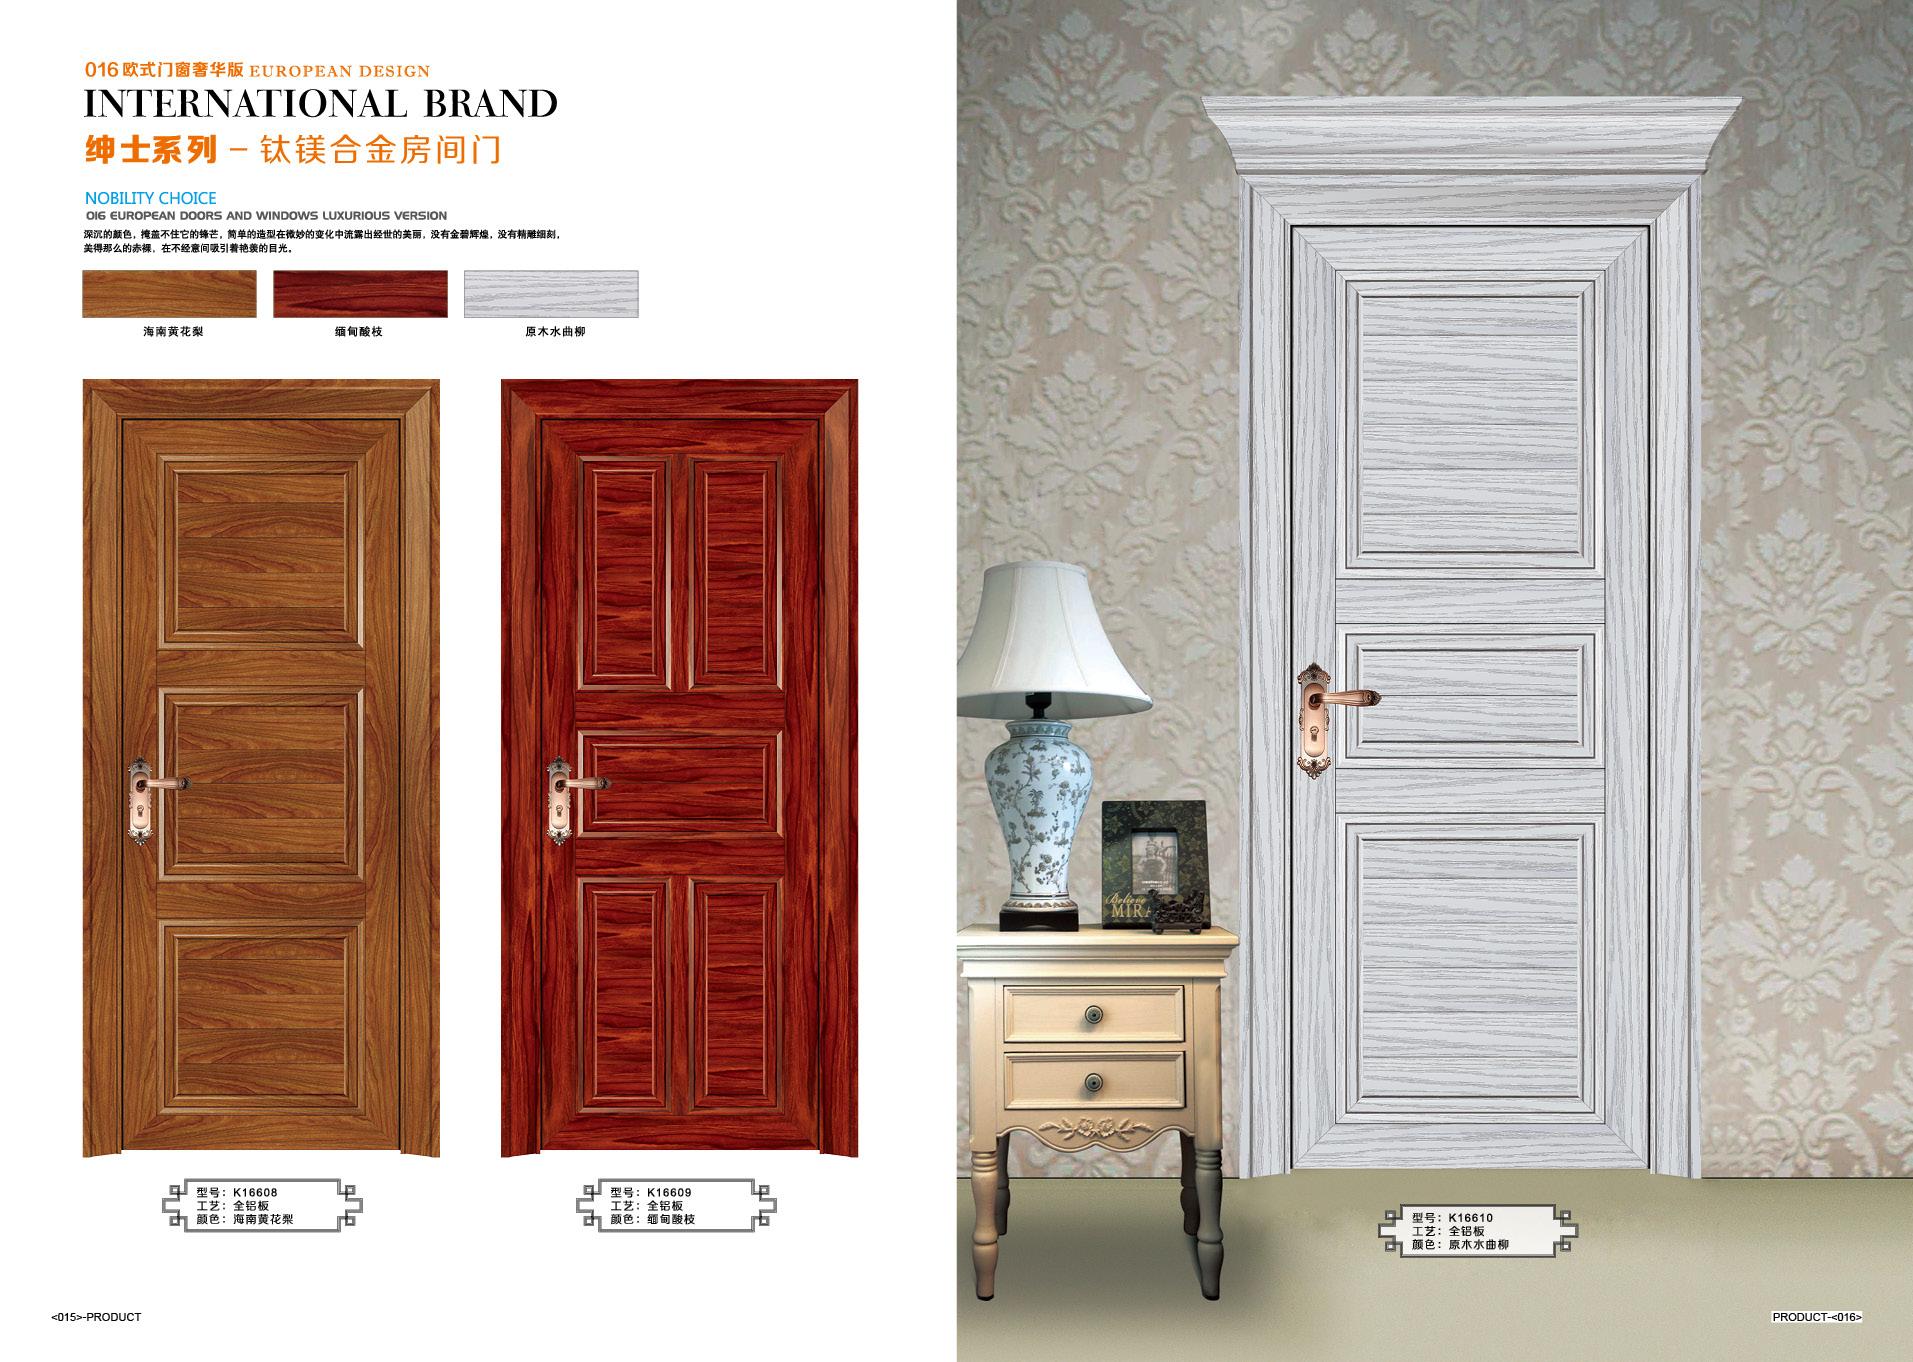 3  制作工艺: 手工  硬度: 1  风格: 欧式  使用范围: 房间  门框最